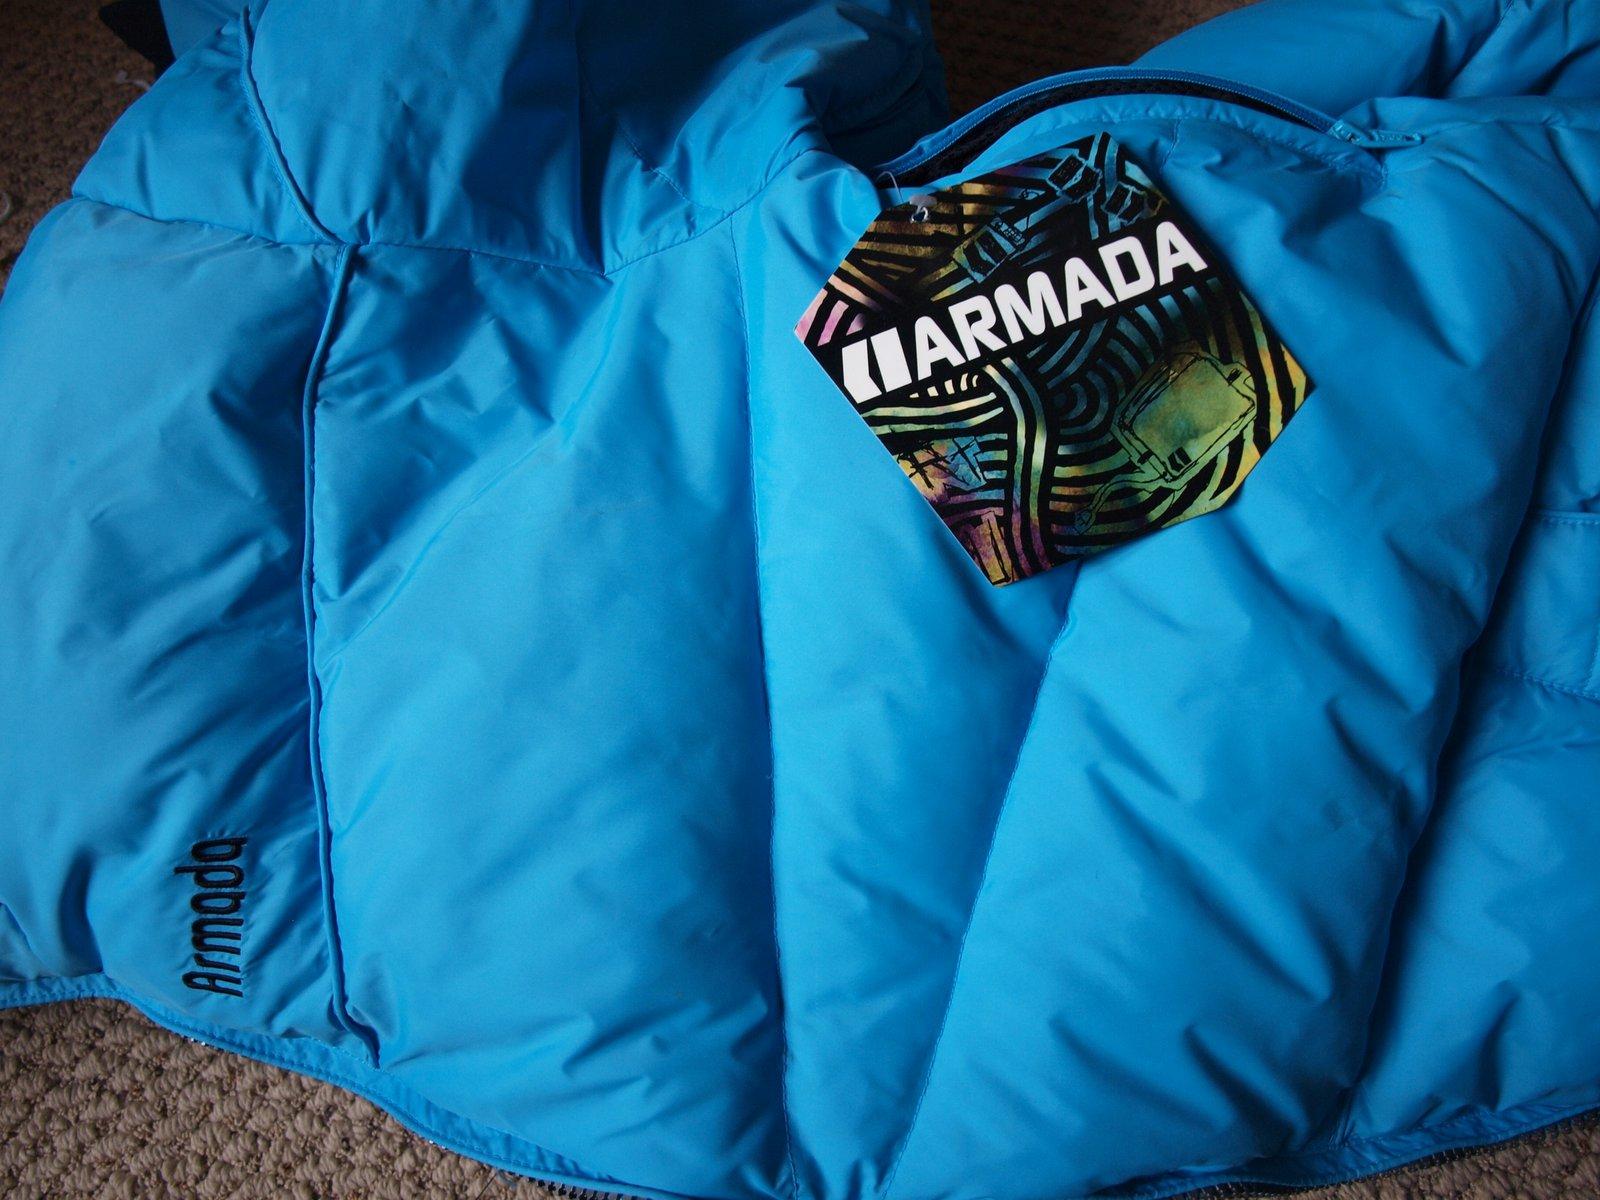 XXL Armada